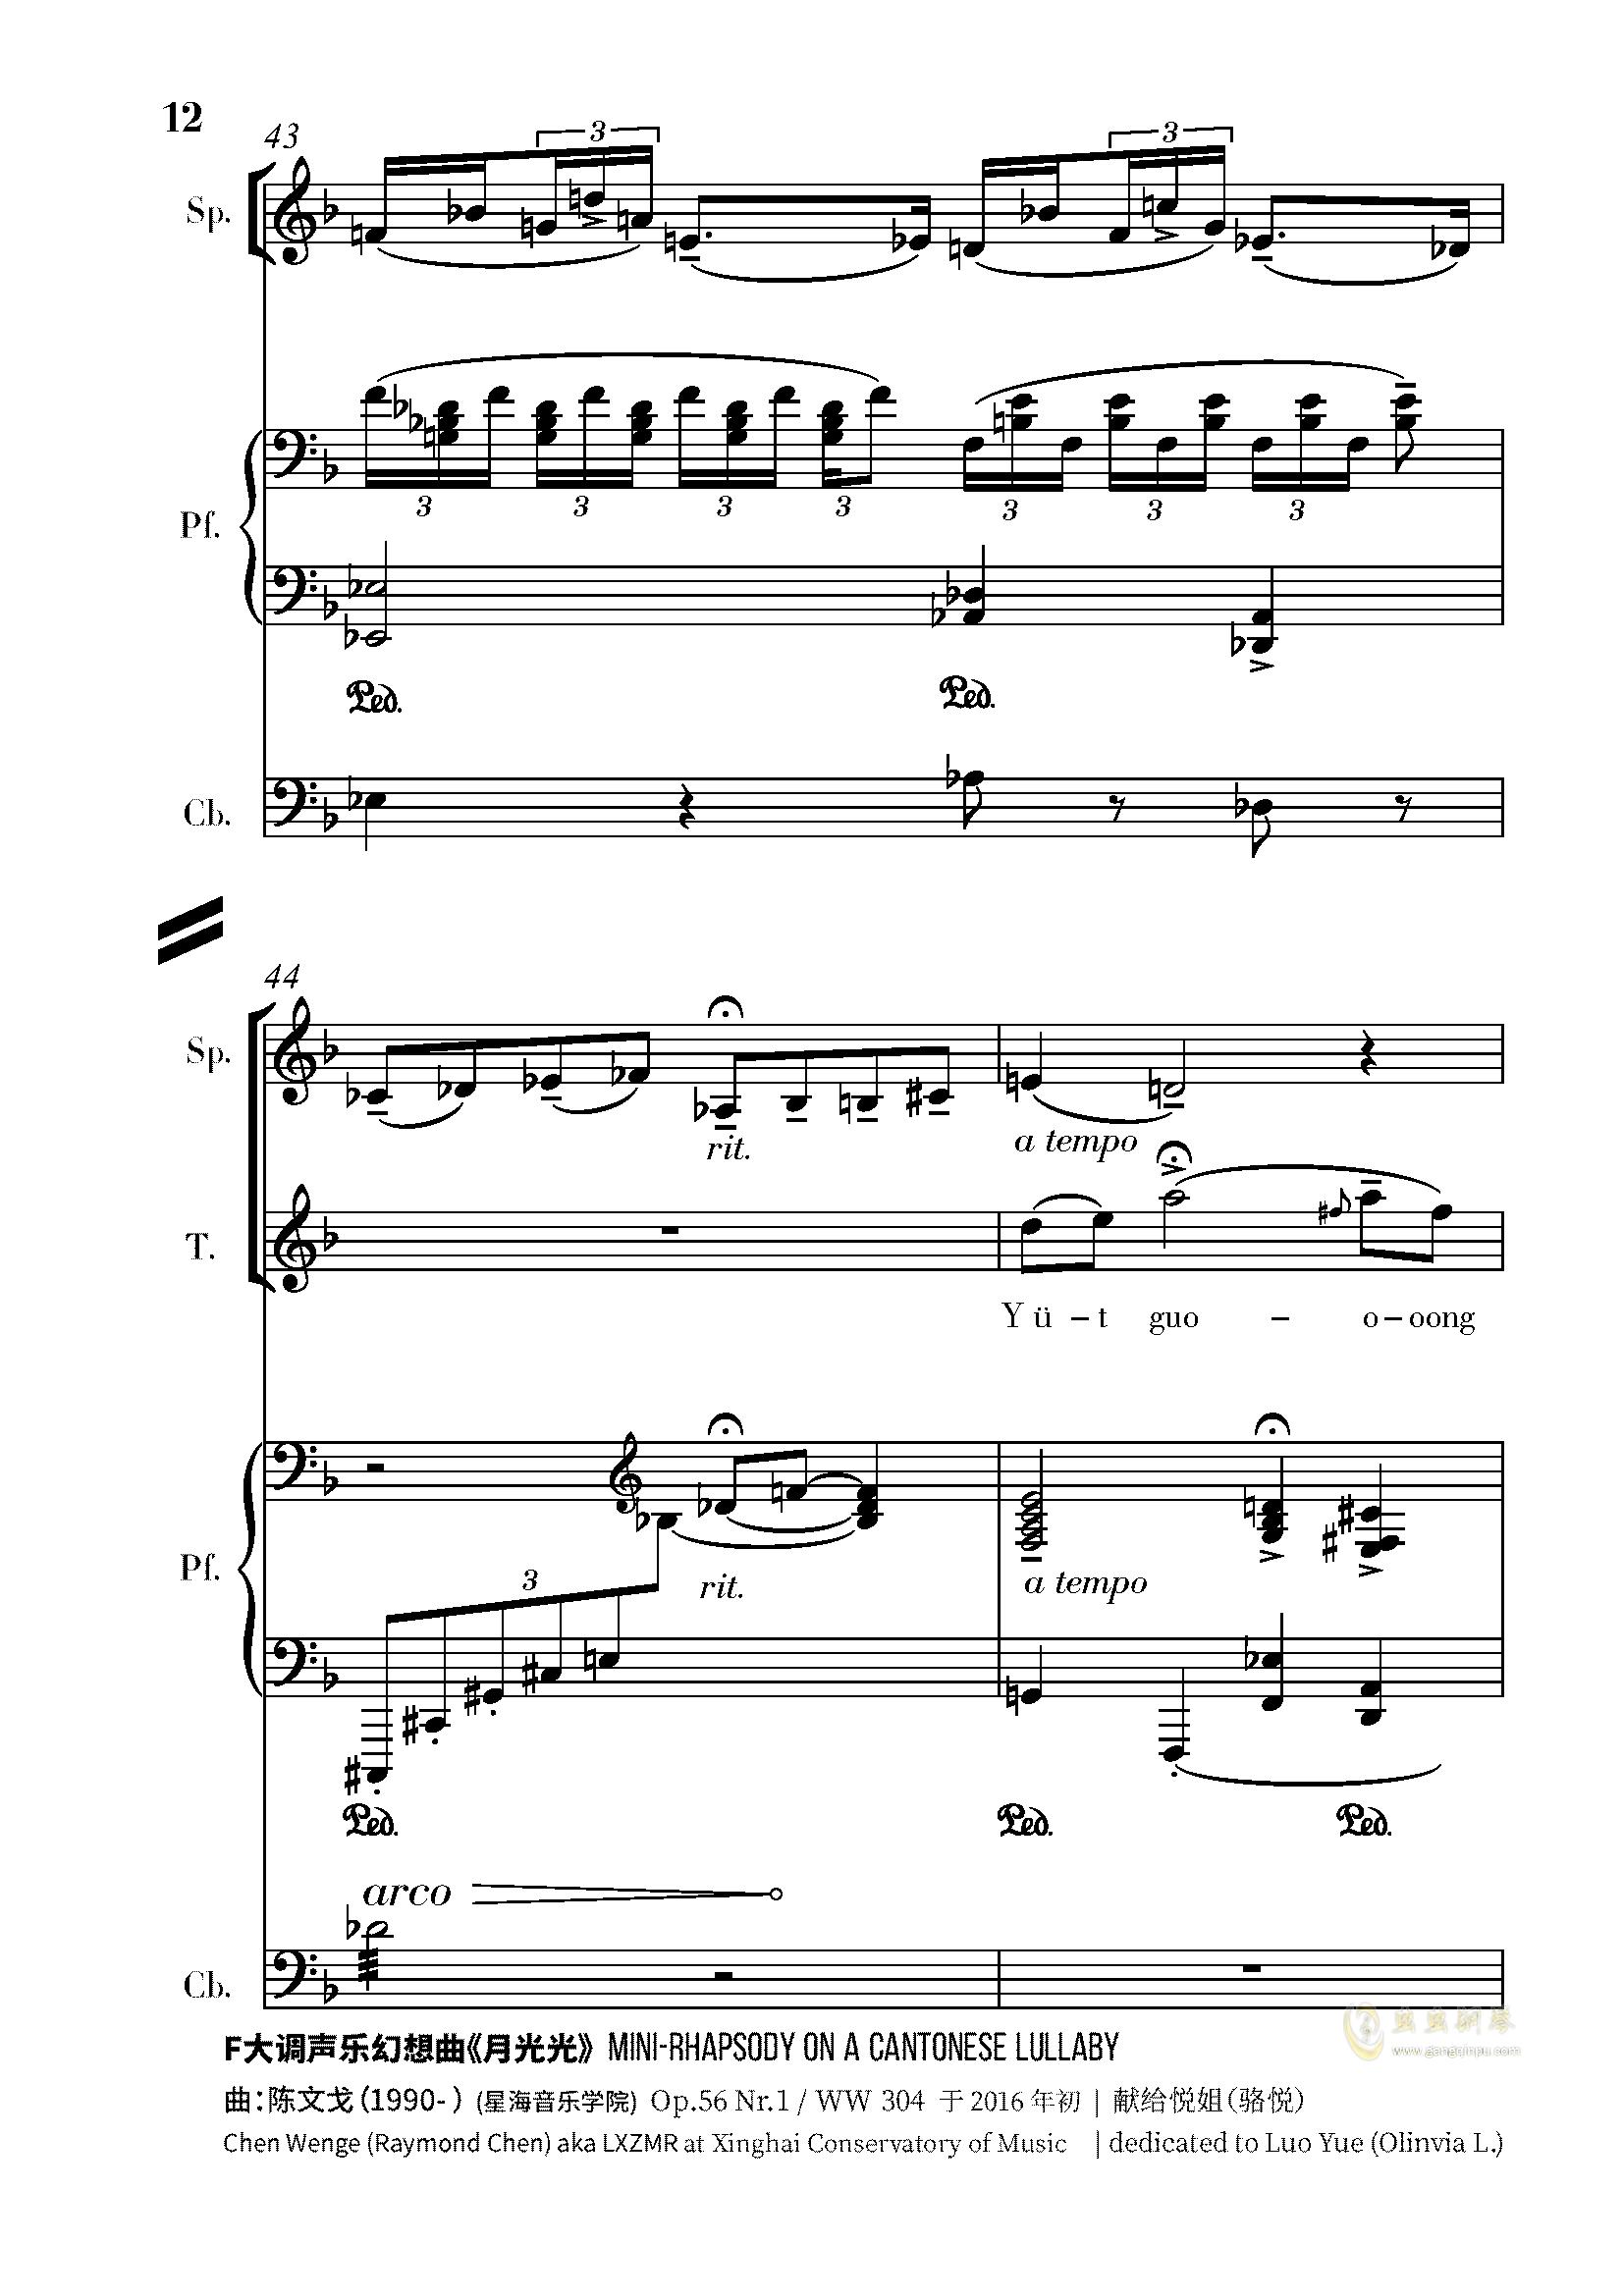 月光光钢琴谱 第12页